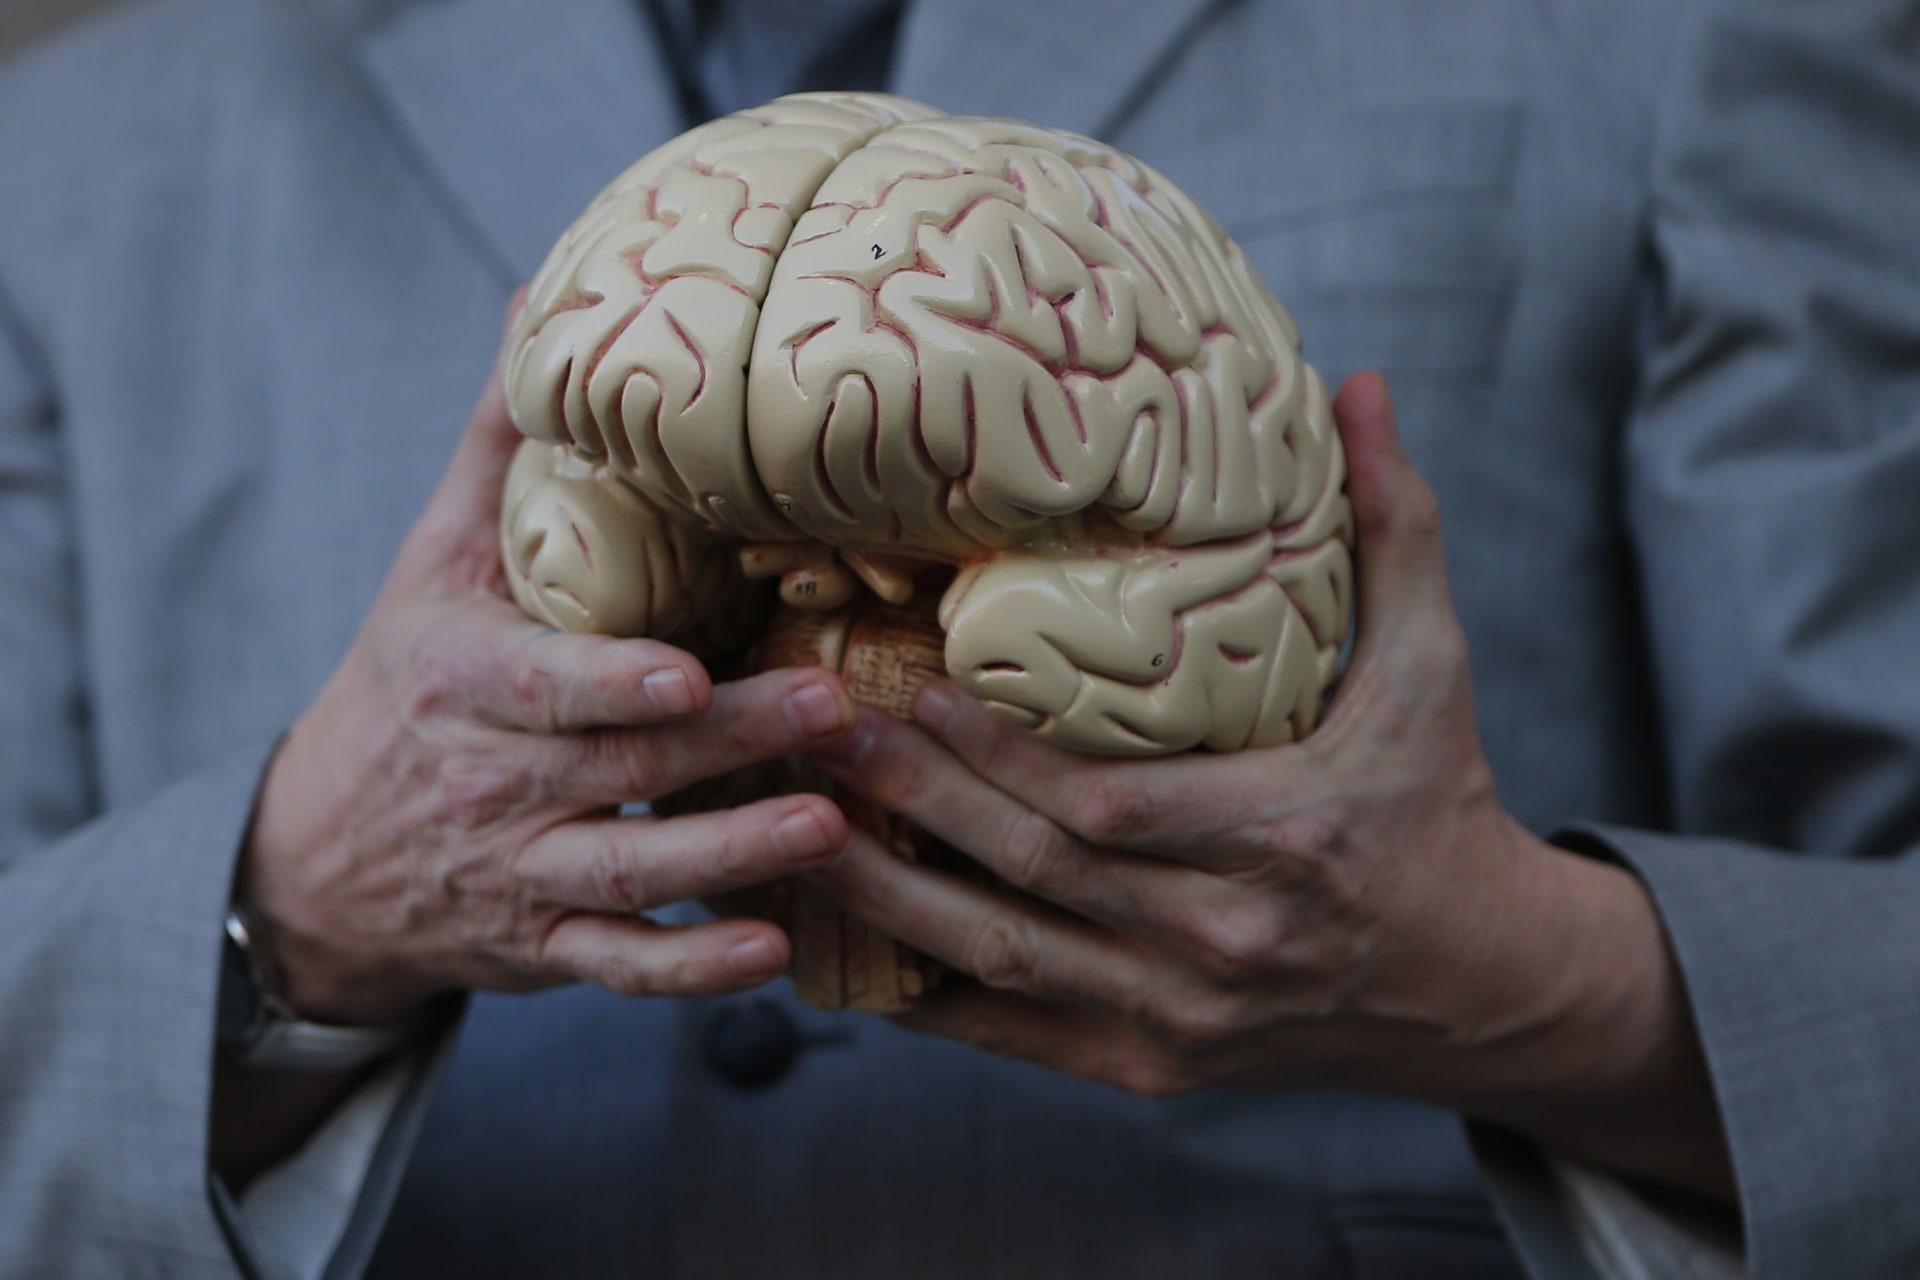 فوز آخر للتفاؤل! الشفاء بعد السكتة الدماغية